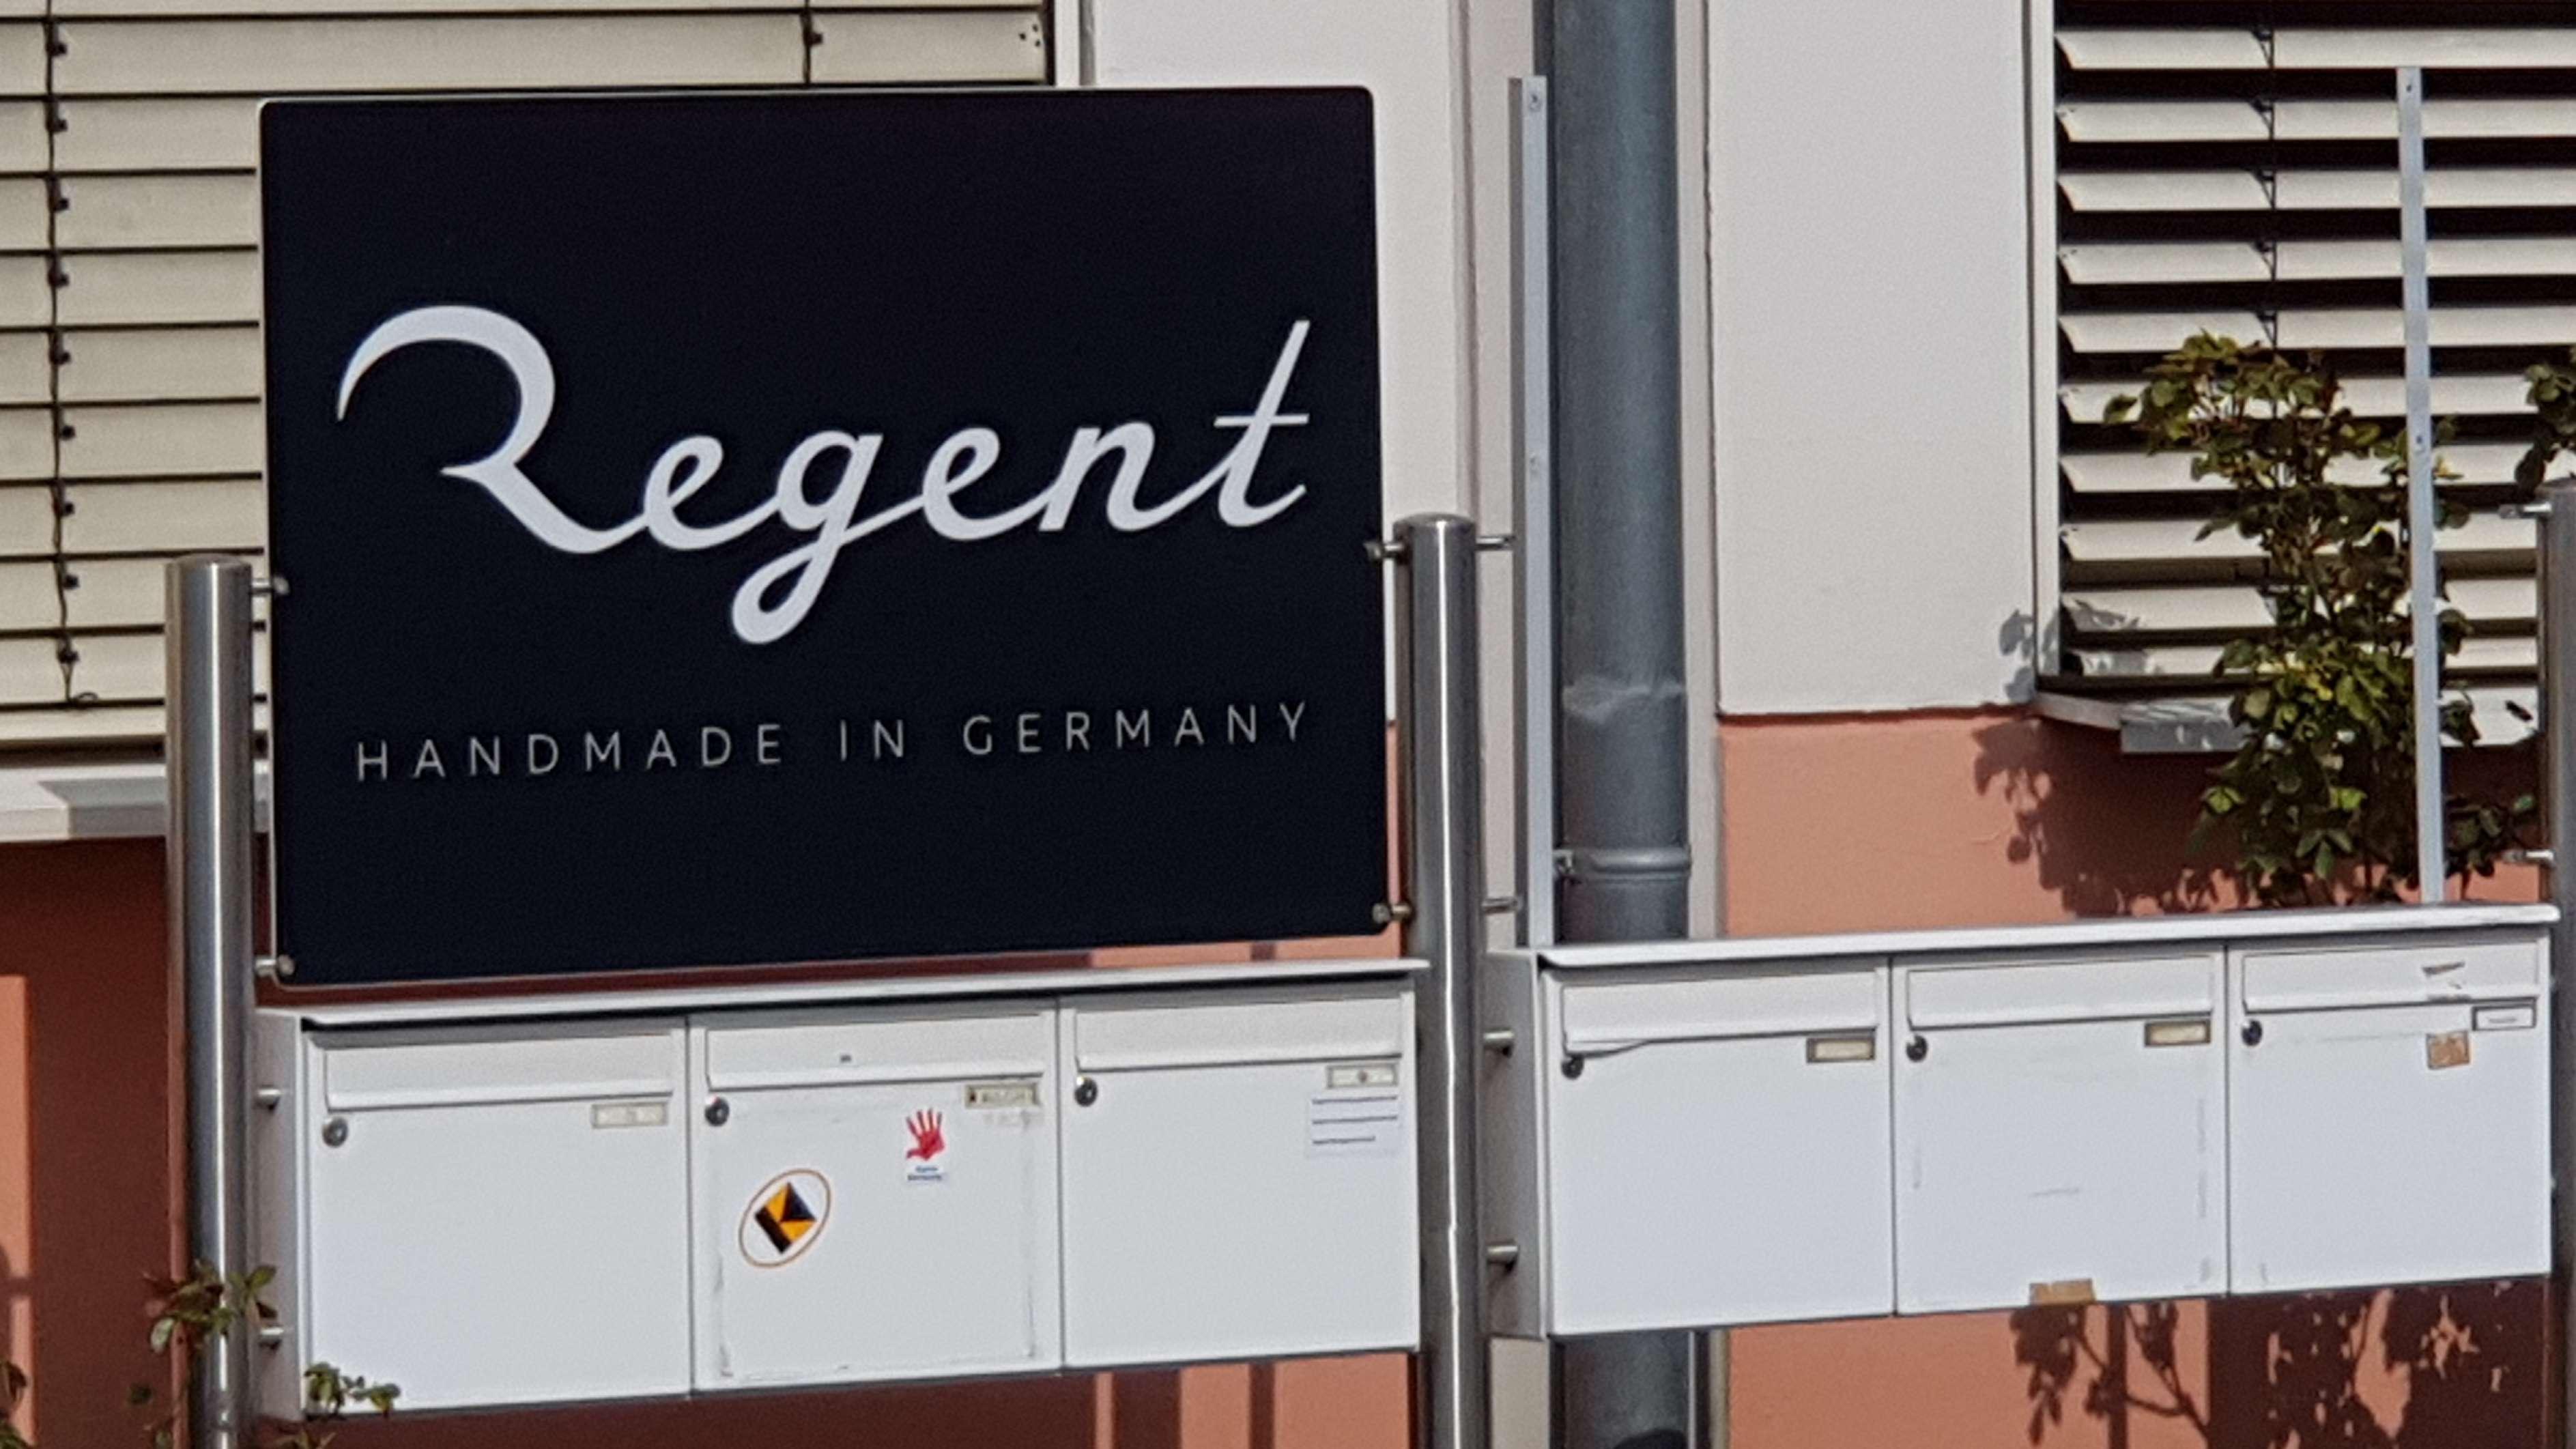 Der Herrenausstatter in Weißenburg hat große Probleme. Der Insolvenzverwalter ist erneut auf Suche nach einem neuen Investor.